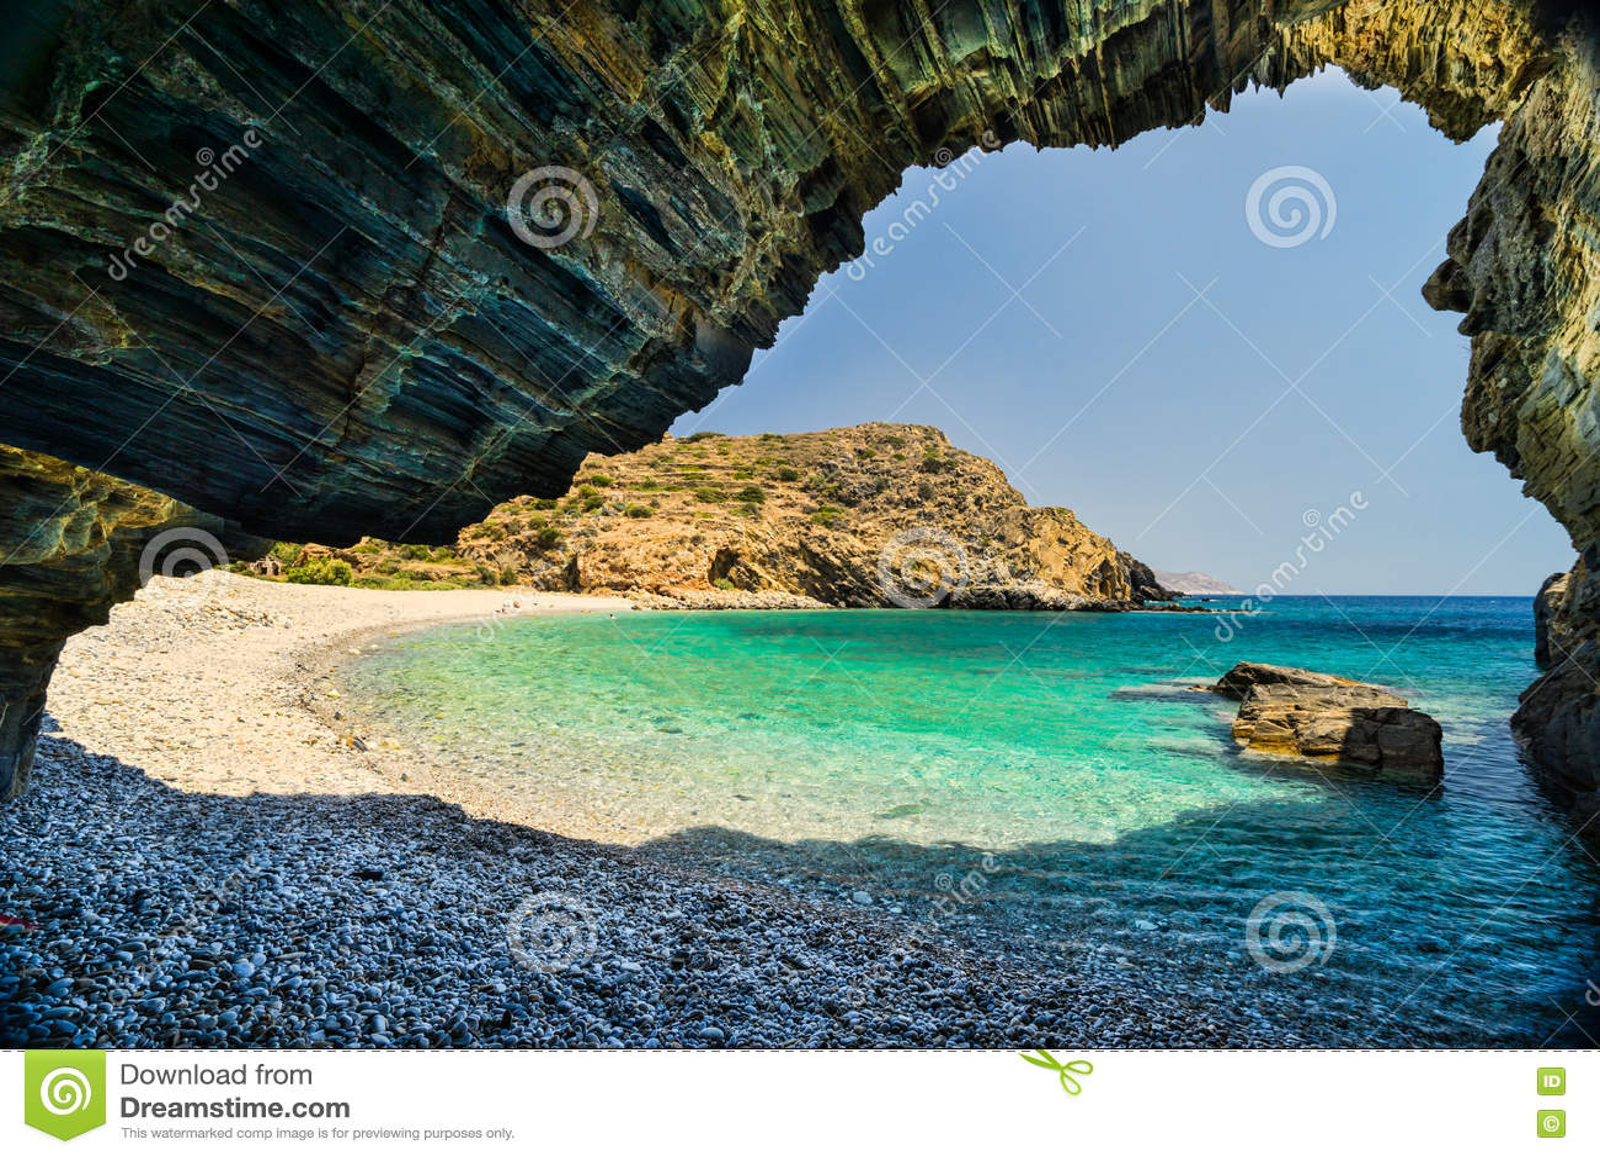 Plaża z jamą